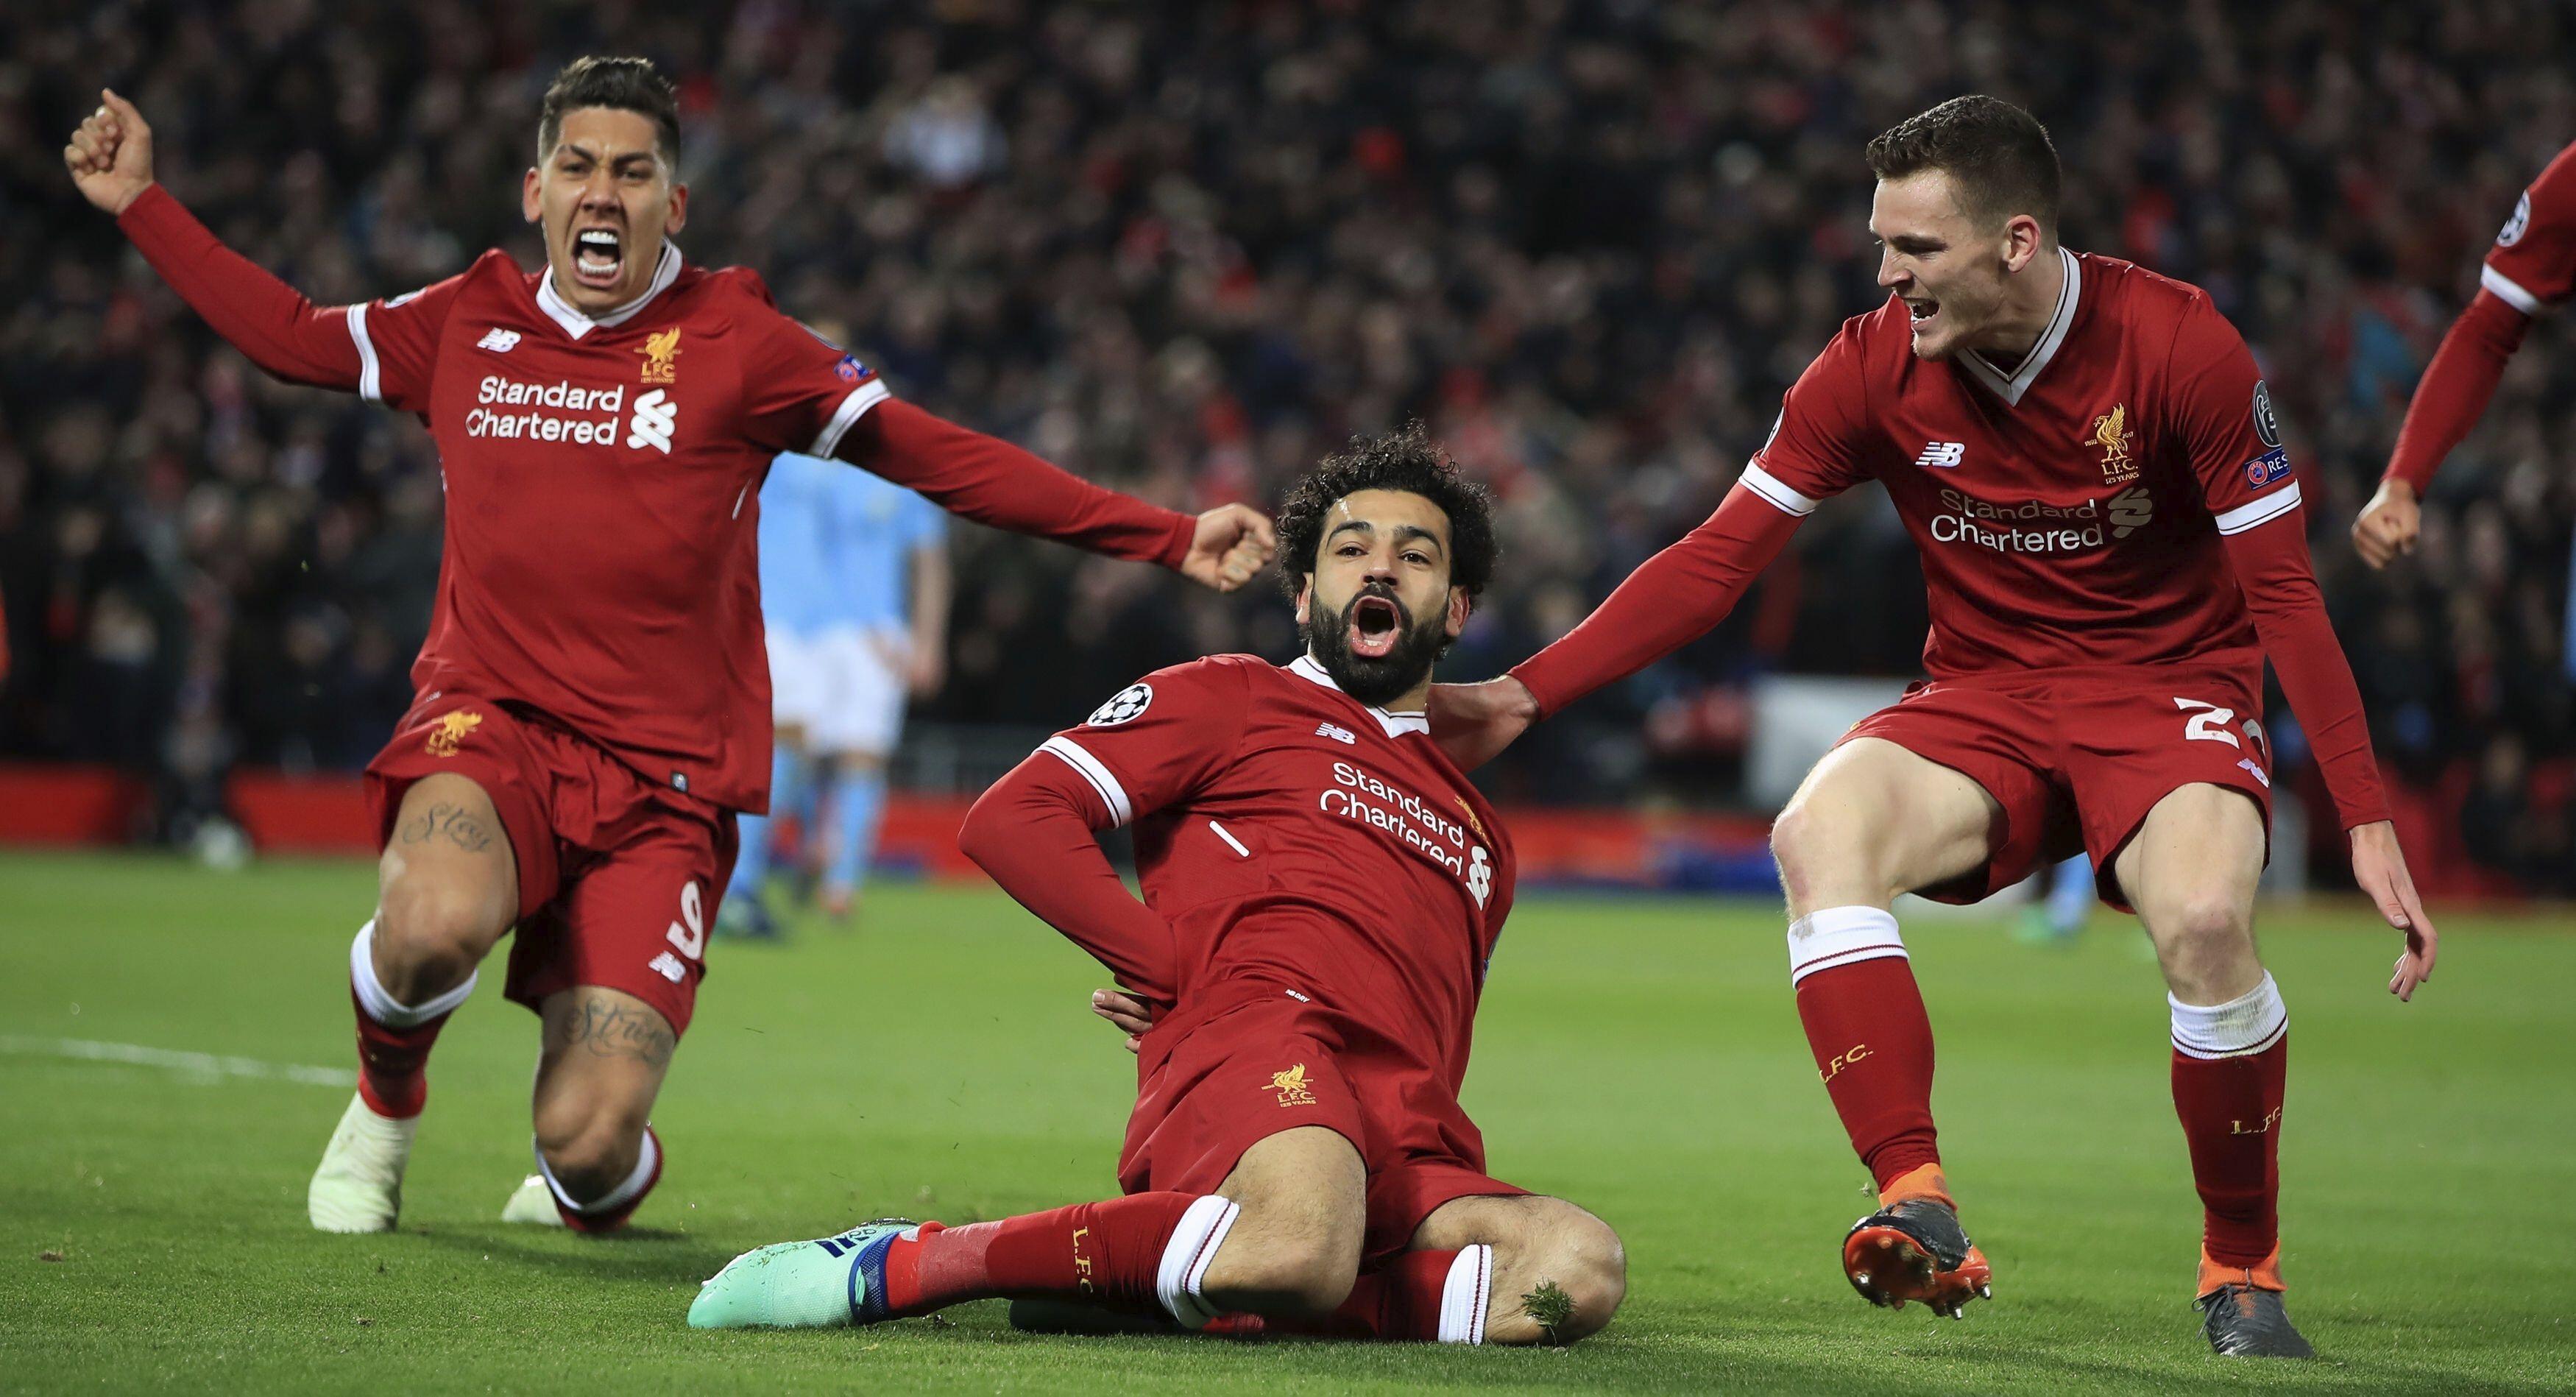 Mohamed Salah Celebrate After Goal Images